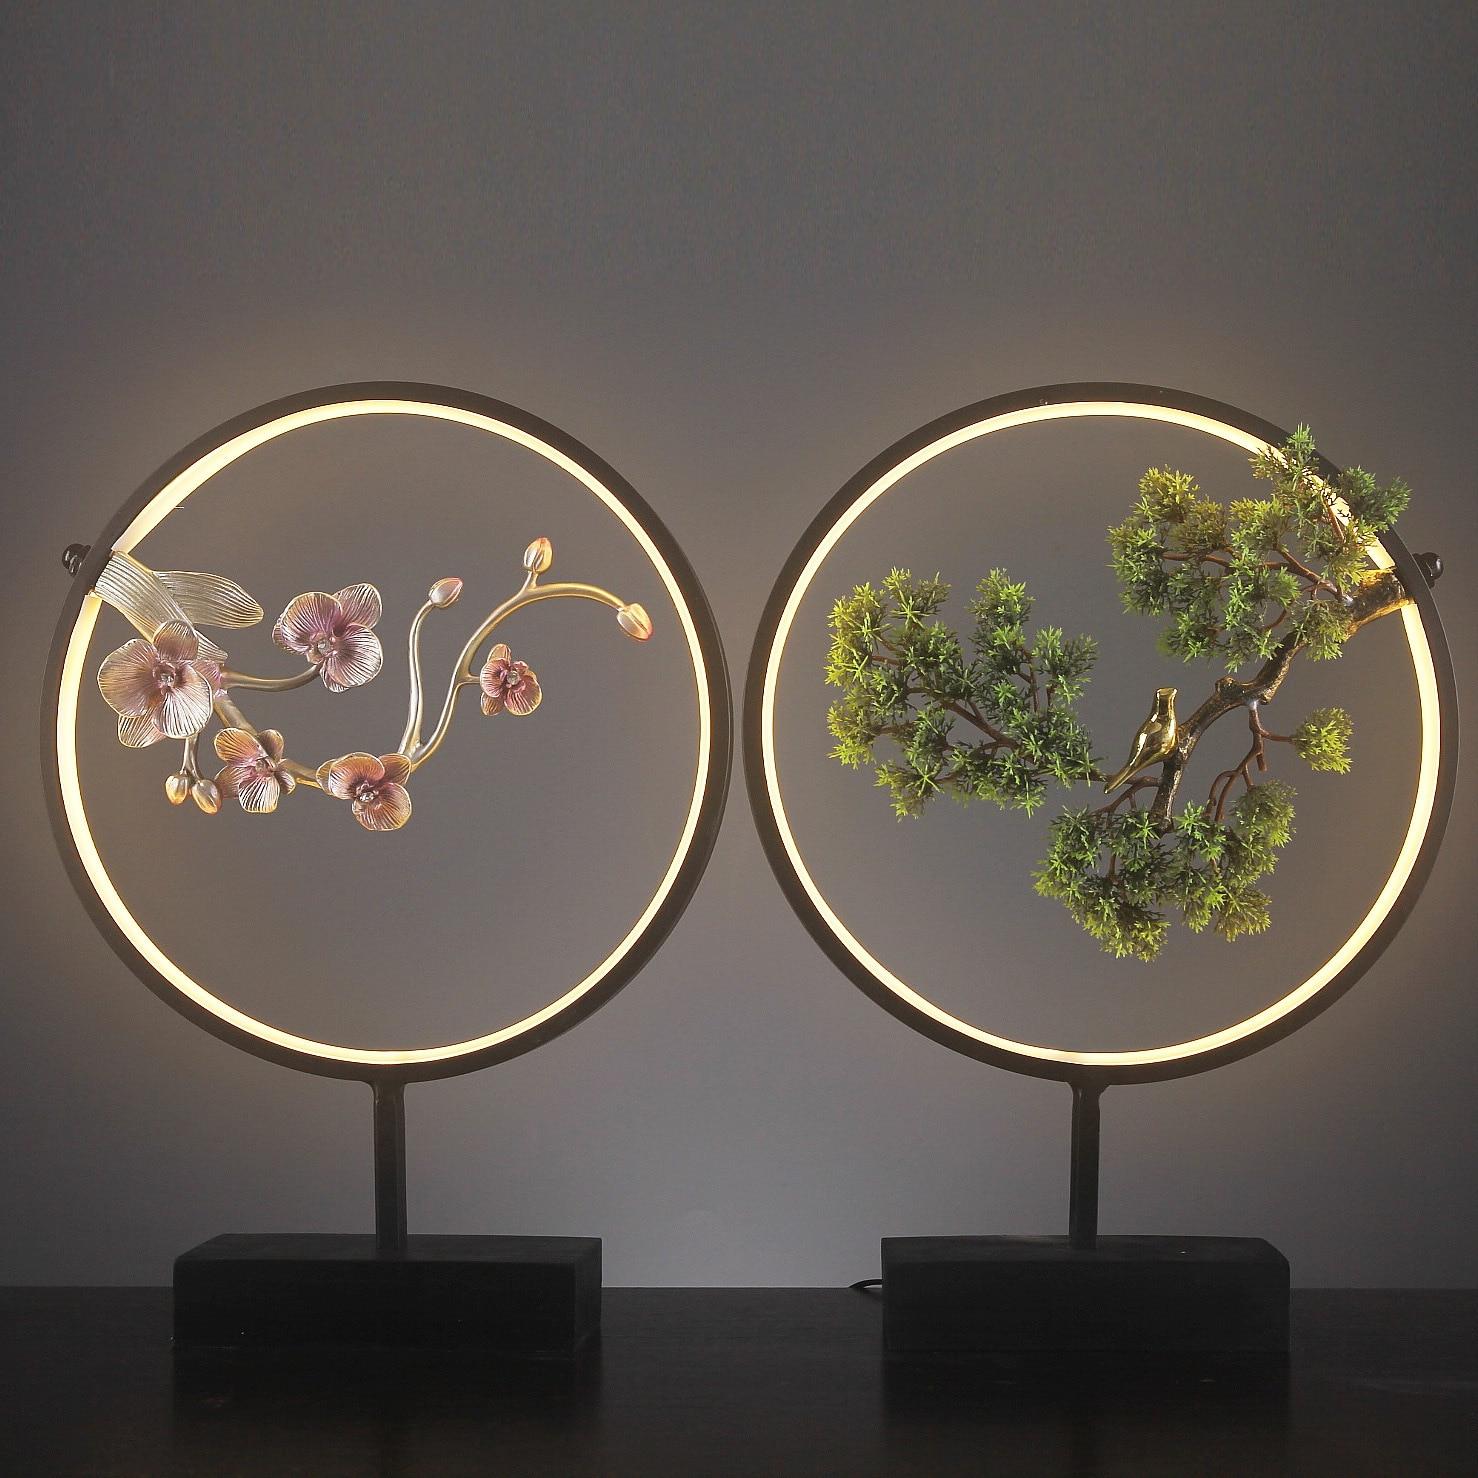 Nouveaux bijoux chinois résine artisanat ornements accessoires pour la maison Zen Style chinois accueille chanson Xuanguan mobilier créatif